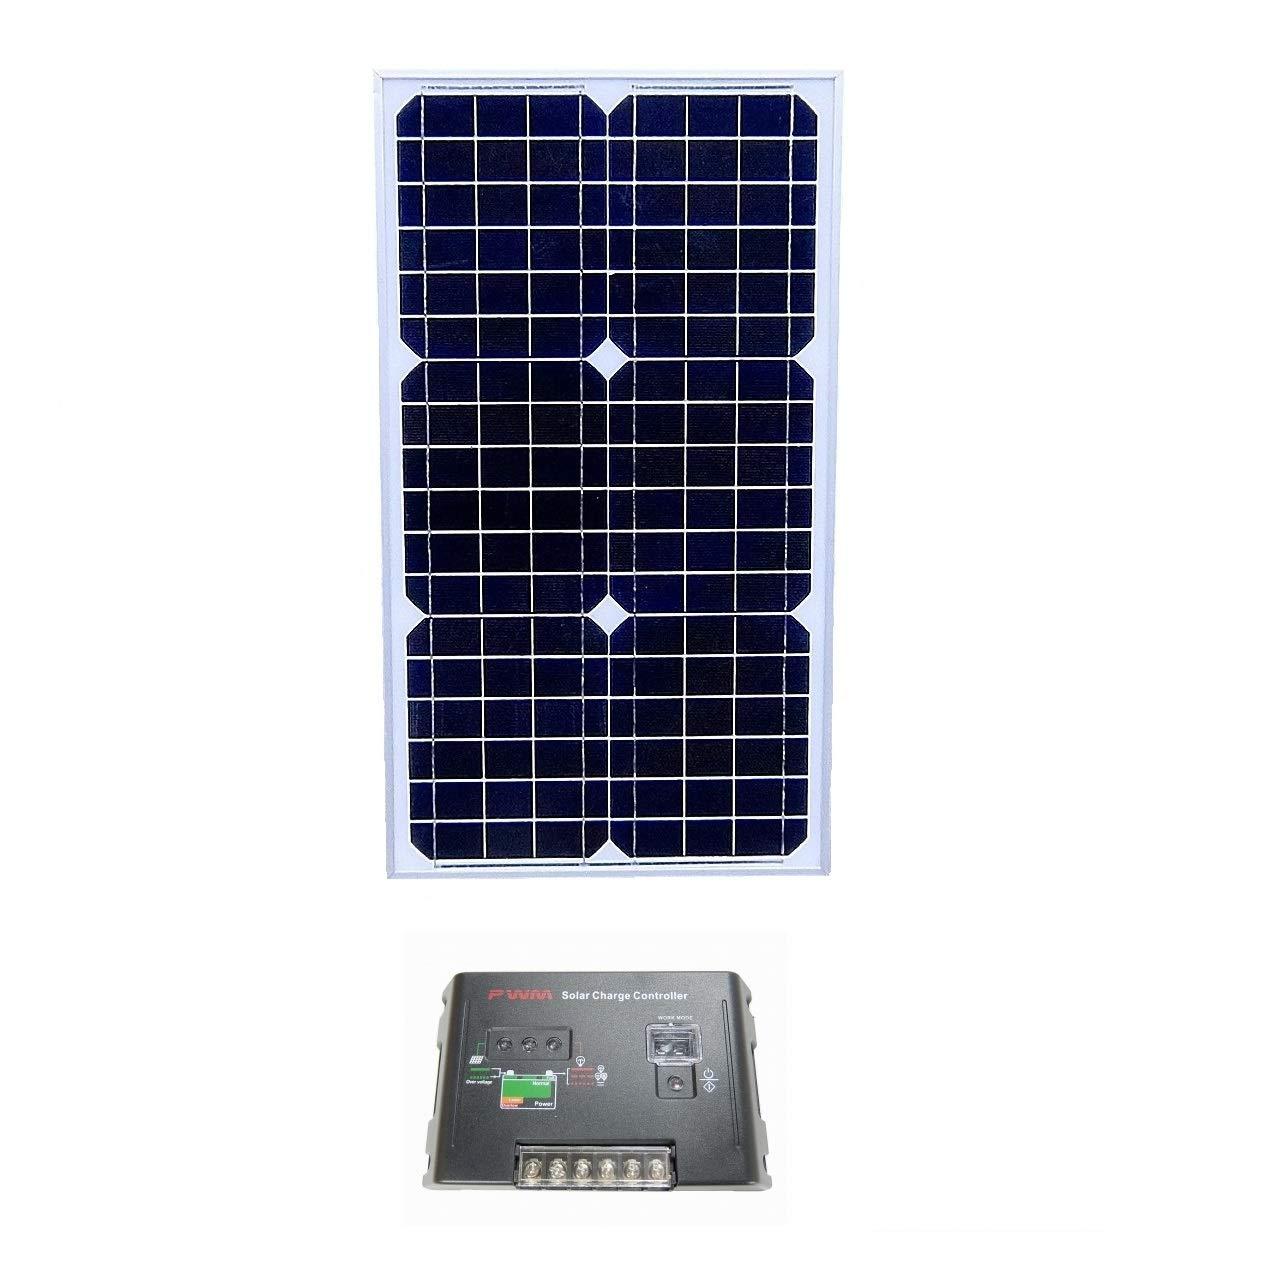 2019年秋冬新作 単結晶 B075W6GZ34 ソーラーパネル ソーラーパネル 150W2枚+20Aチャージコントローラーセット!12V蓄電に B075W6GZ34 単結晶 30W 30W, タイニーピクシス:5c0e42c2 --- a0267596.xsph.ru